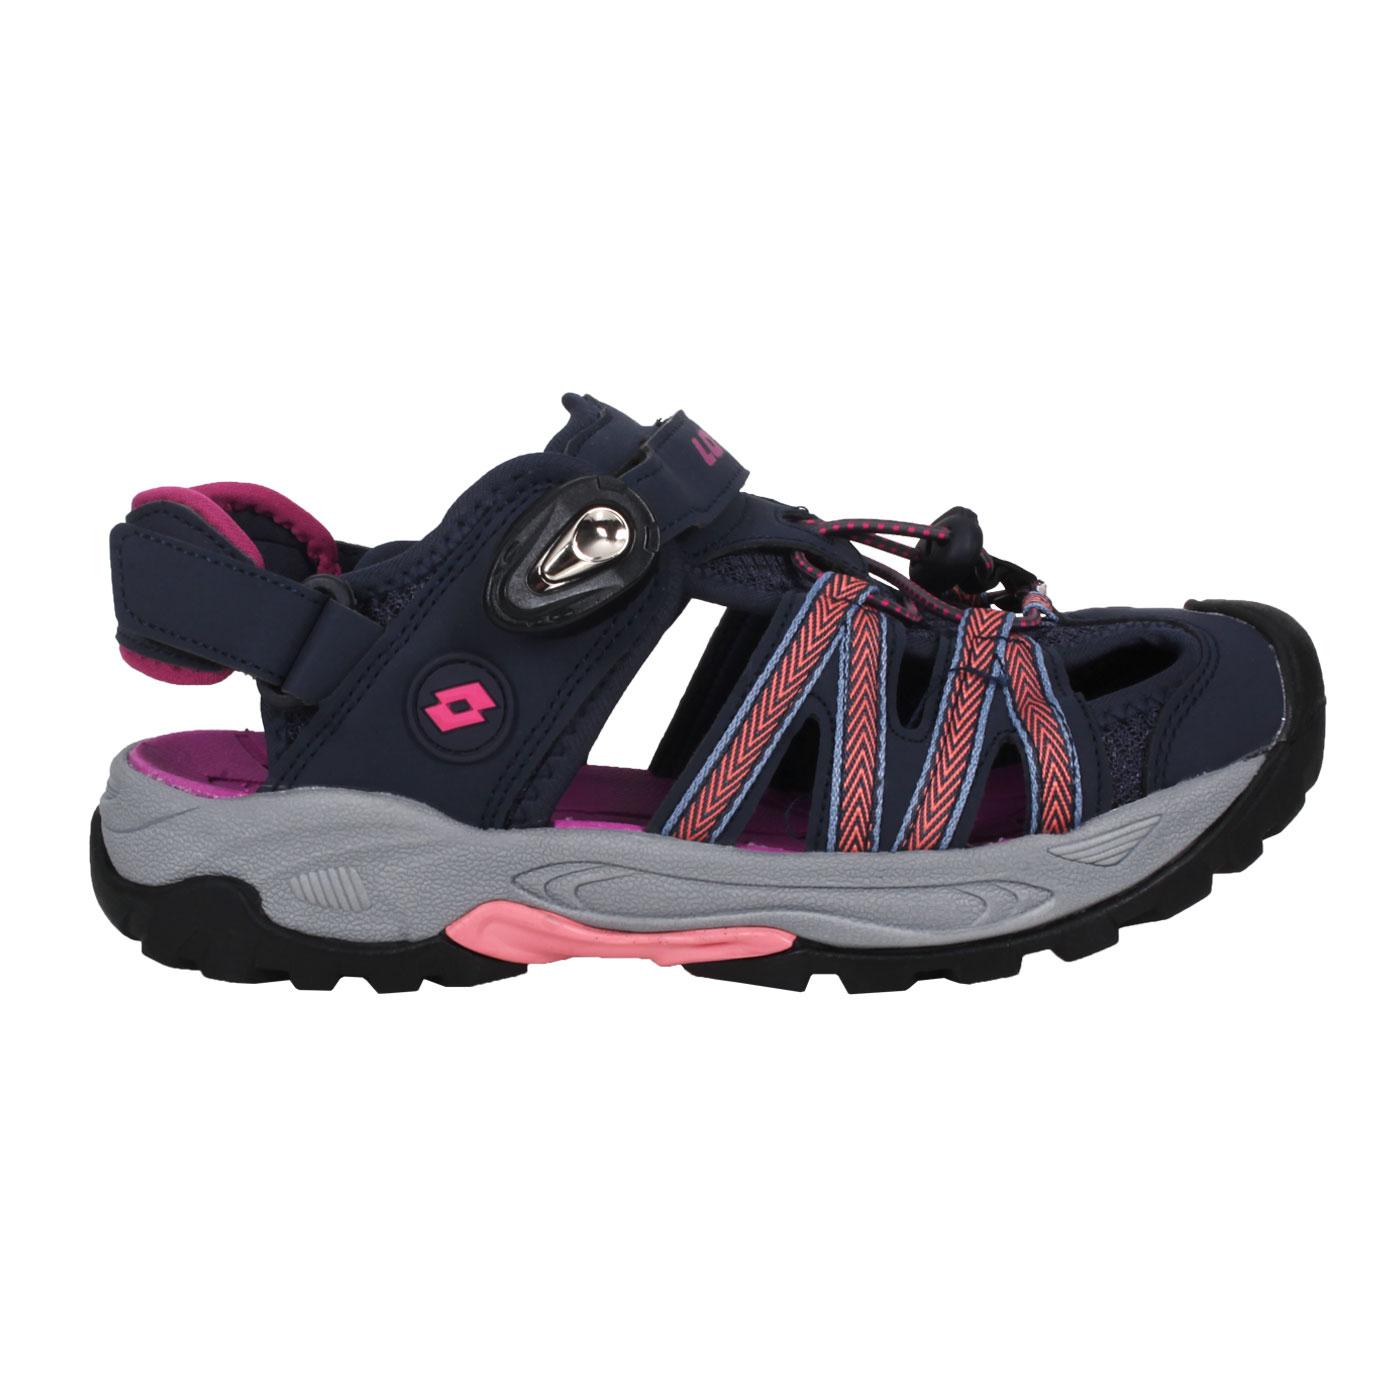 LOTTO 緹花磁扣護趾涼鞋 LT1AWS3267